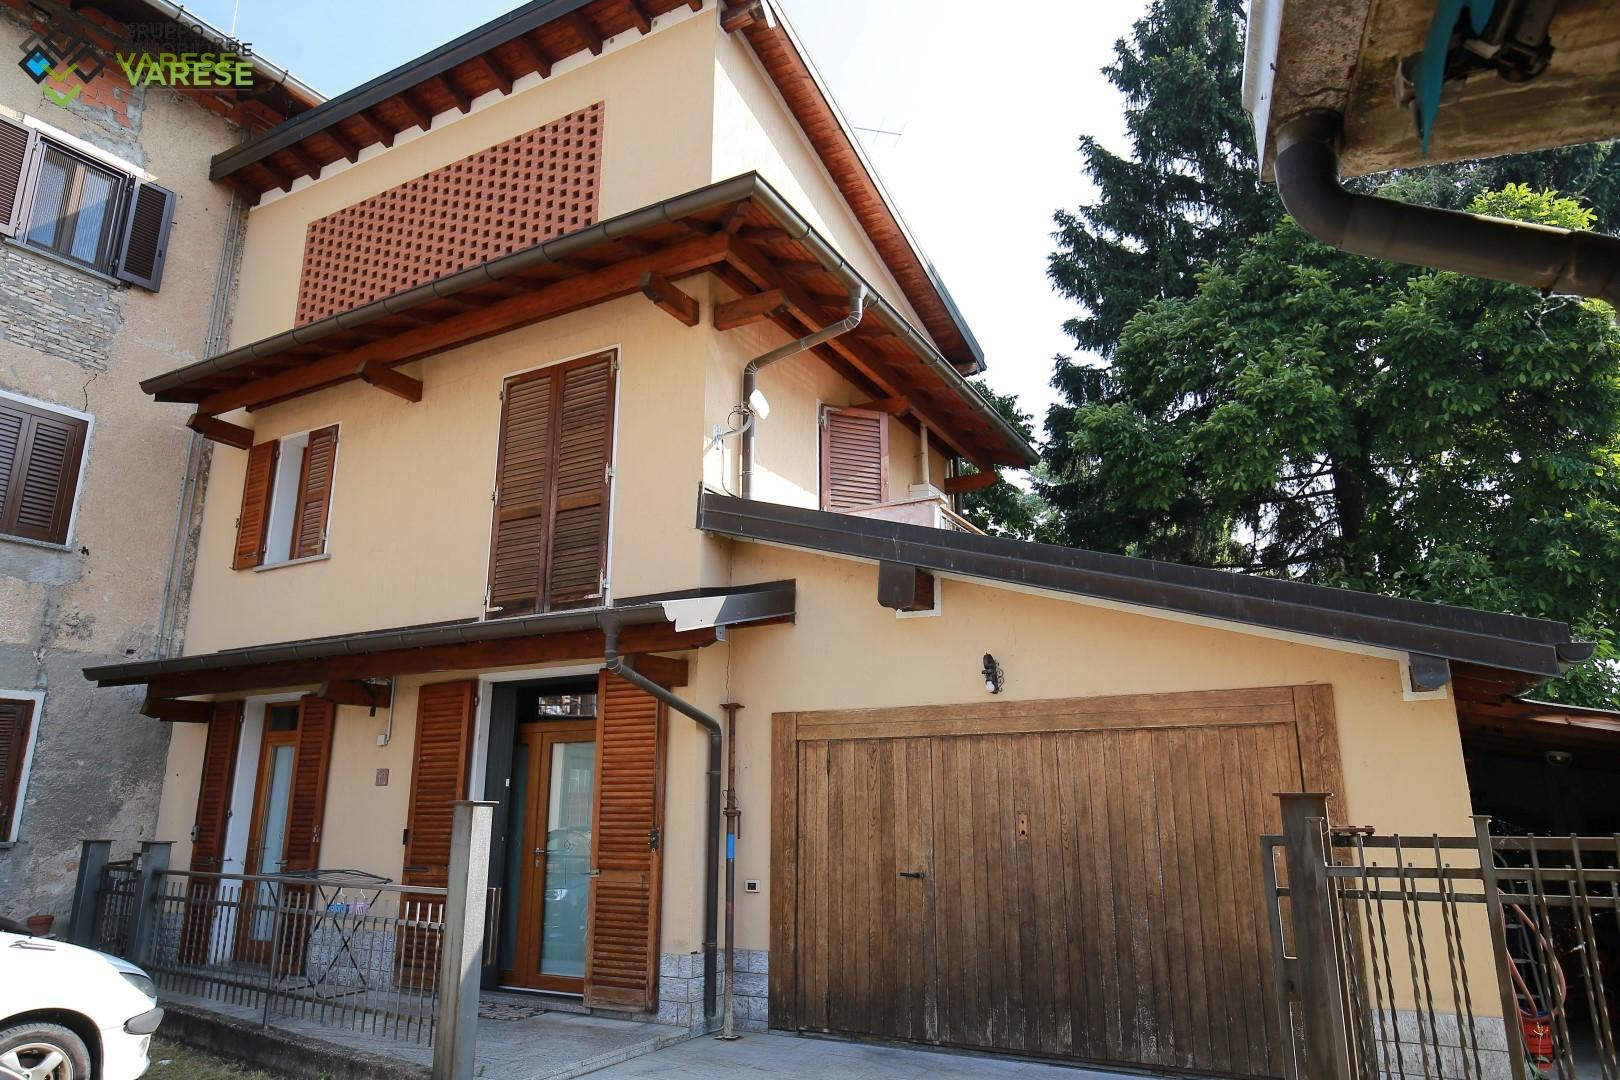 Soluzione Indipendente in vendita a Porto Ceresio, 4 locali, prezzo € 250.000 | CambioCasa.it